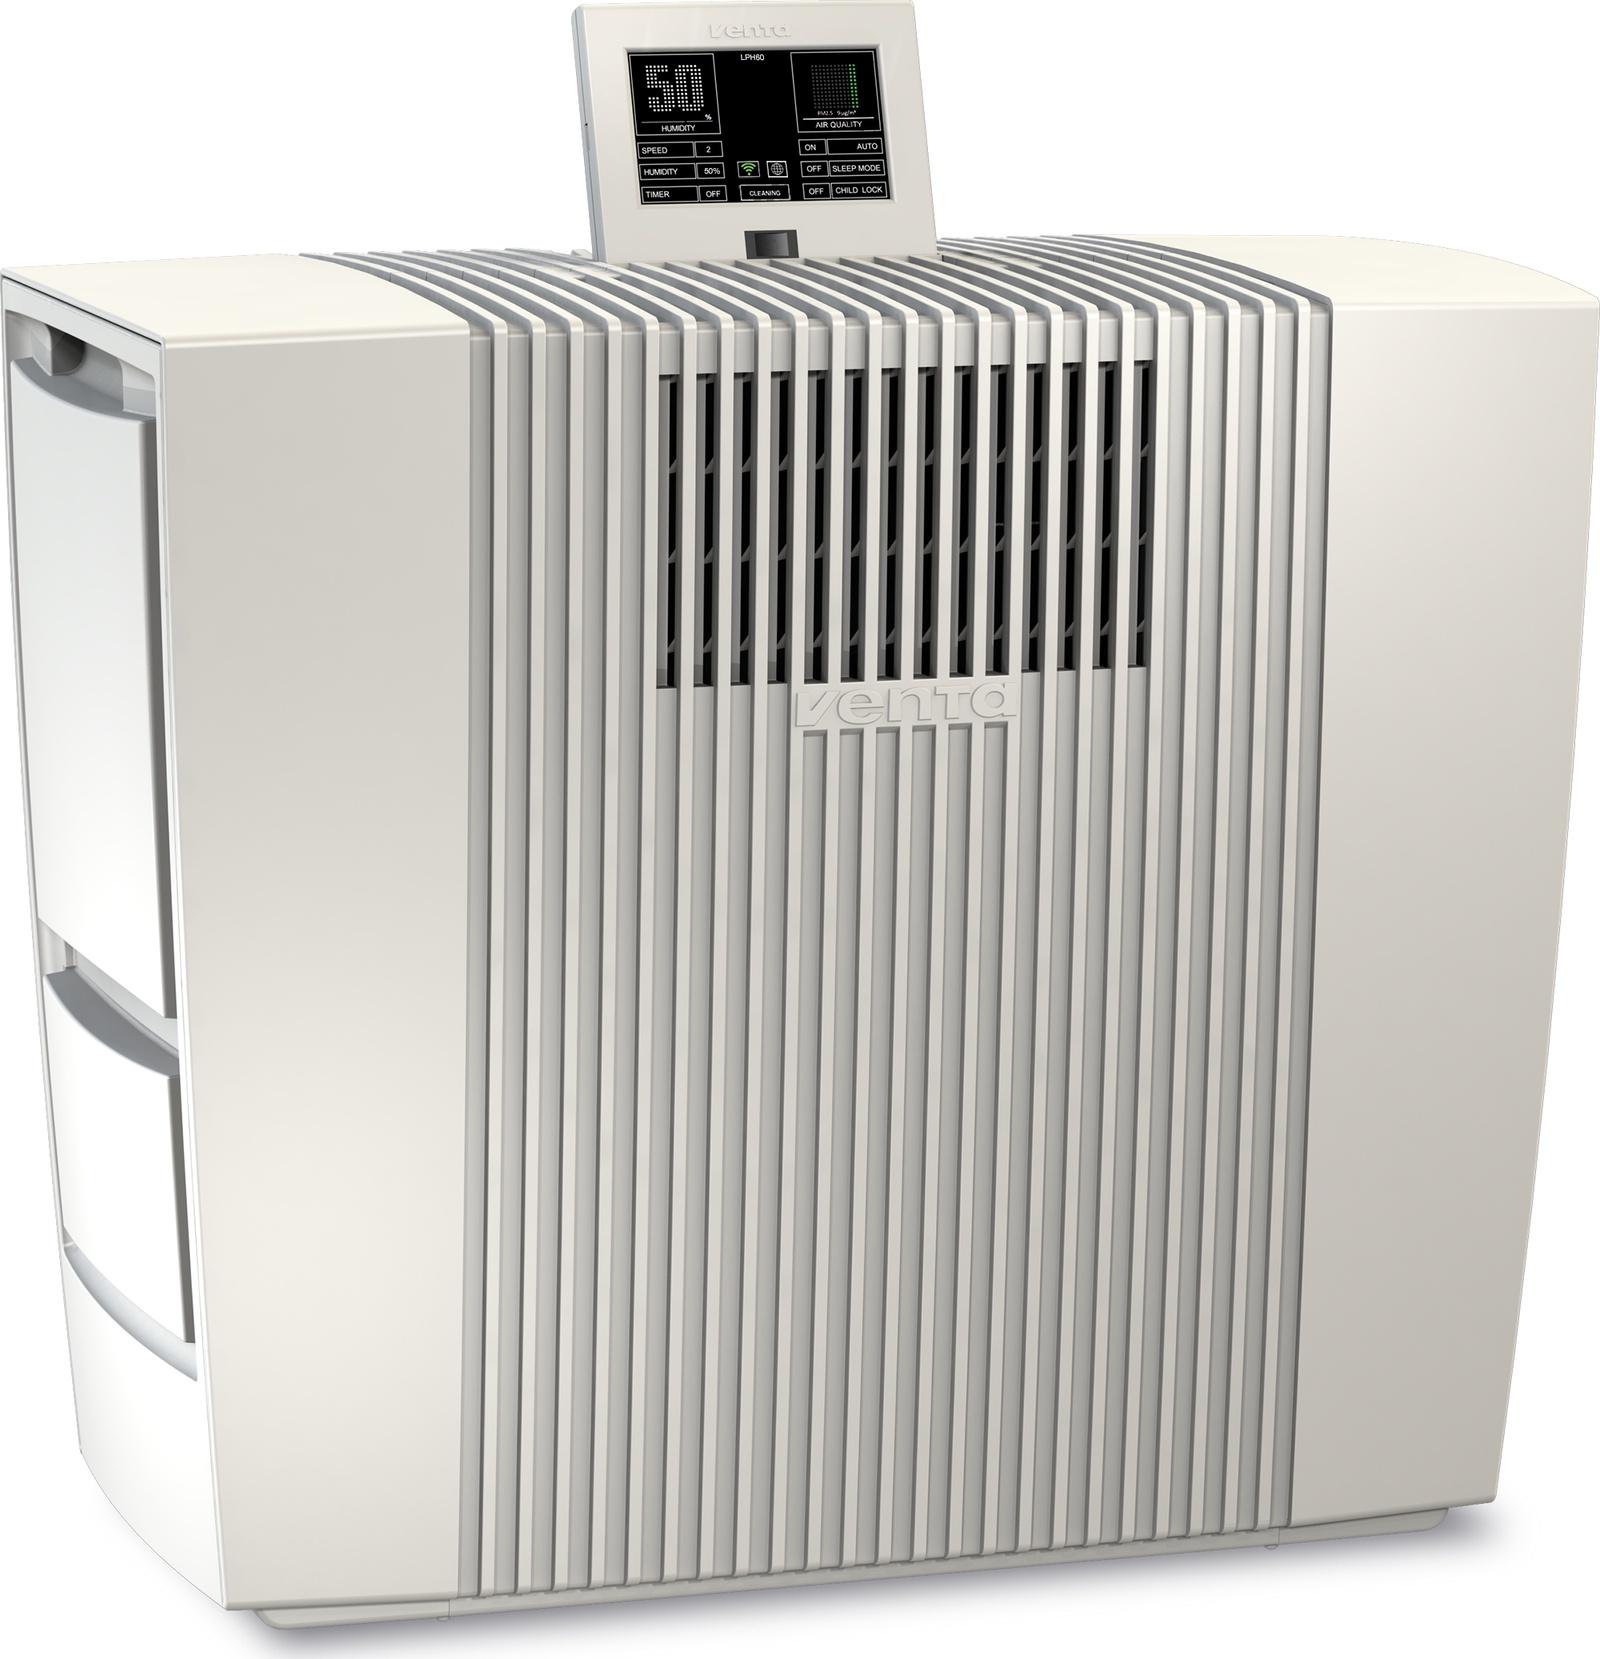 Очиститель воздуха Venta LPH60, белый зеленый источник воздуха e стюард автомобиль домашний лазер pm2 5 оборудование для обнаружения воздуха 3 0 белый белый